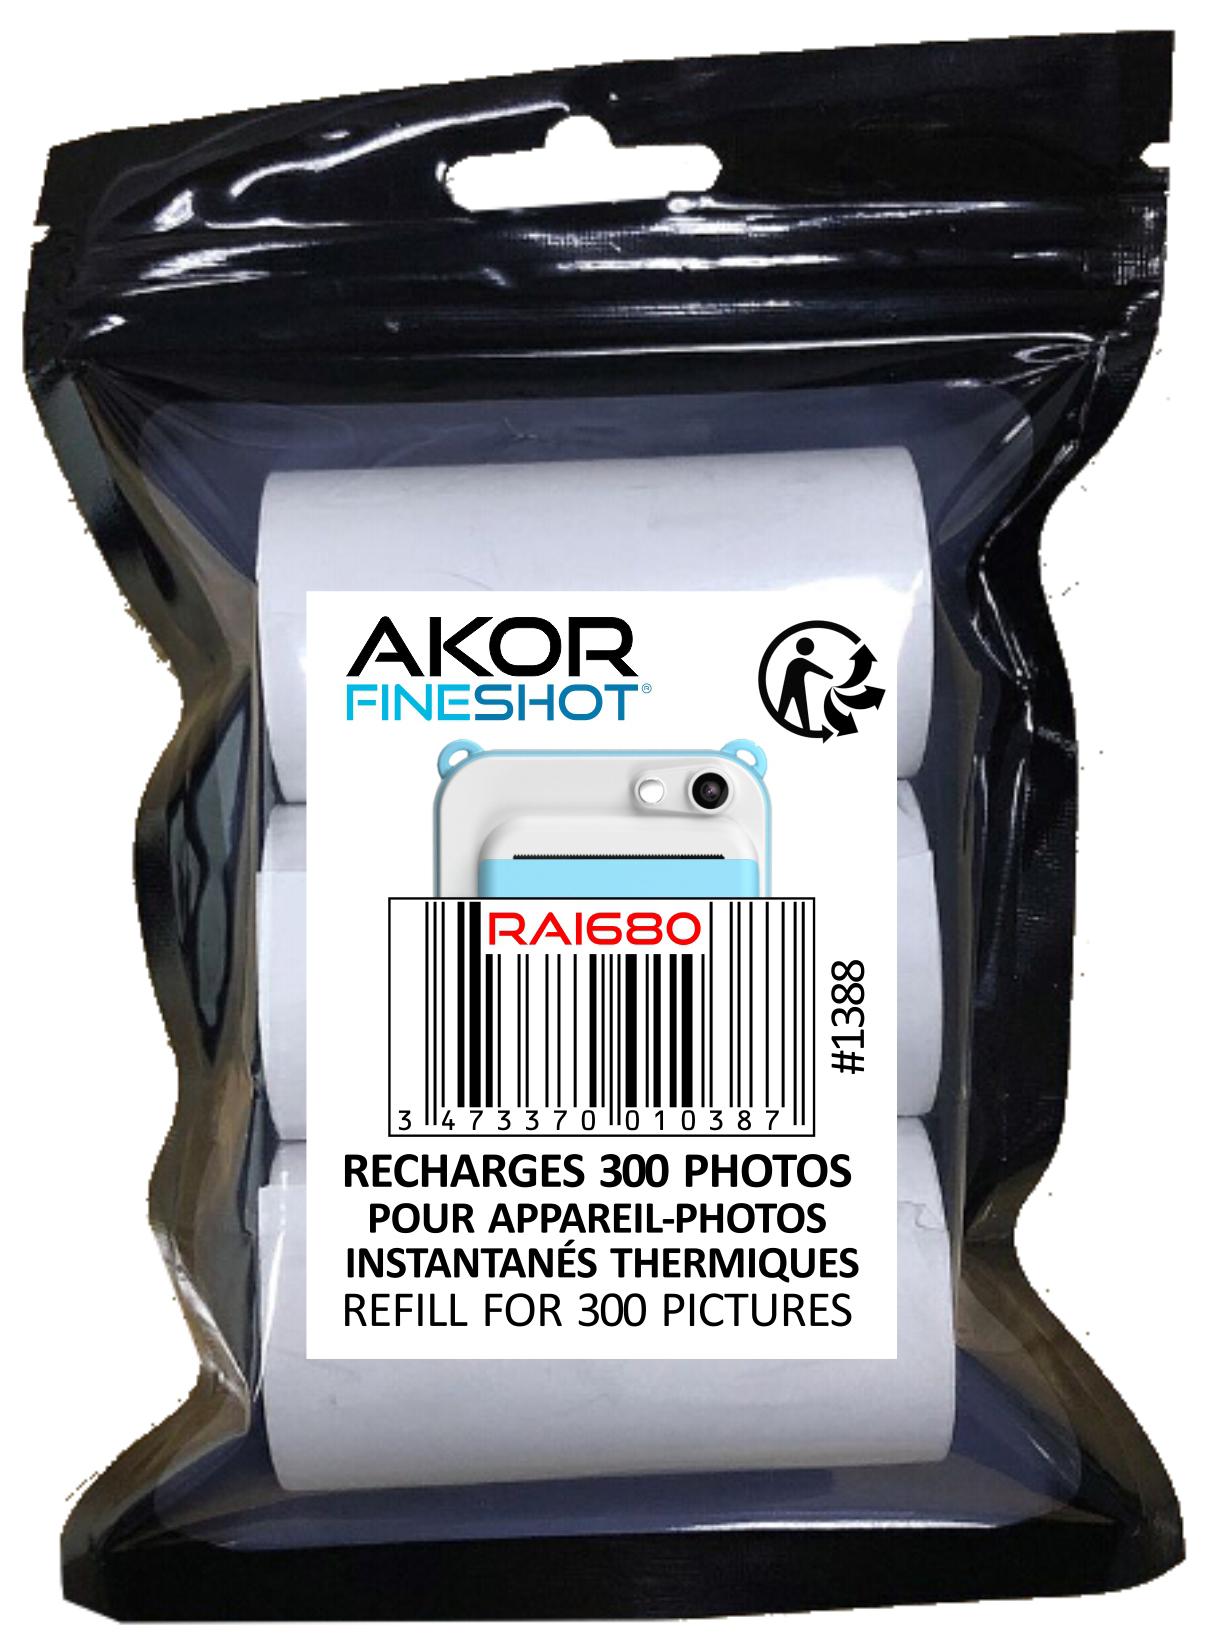 RAI680-0.jpg